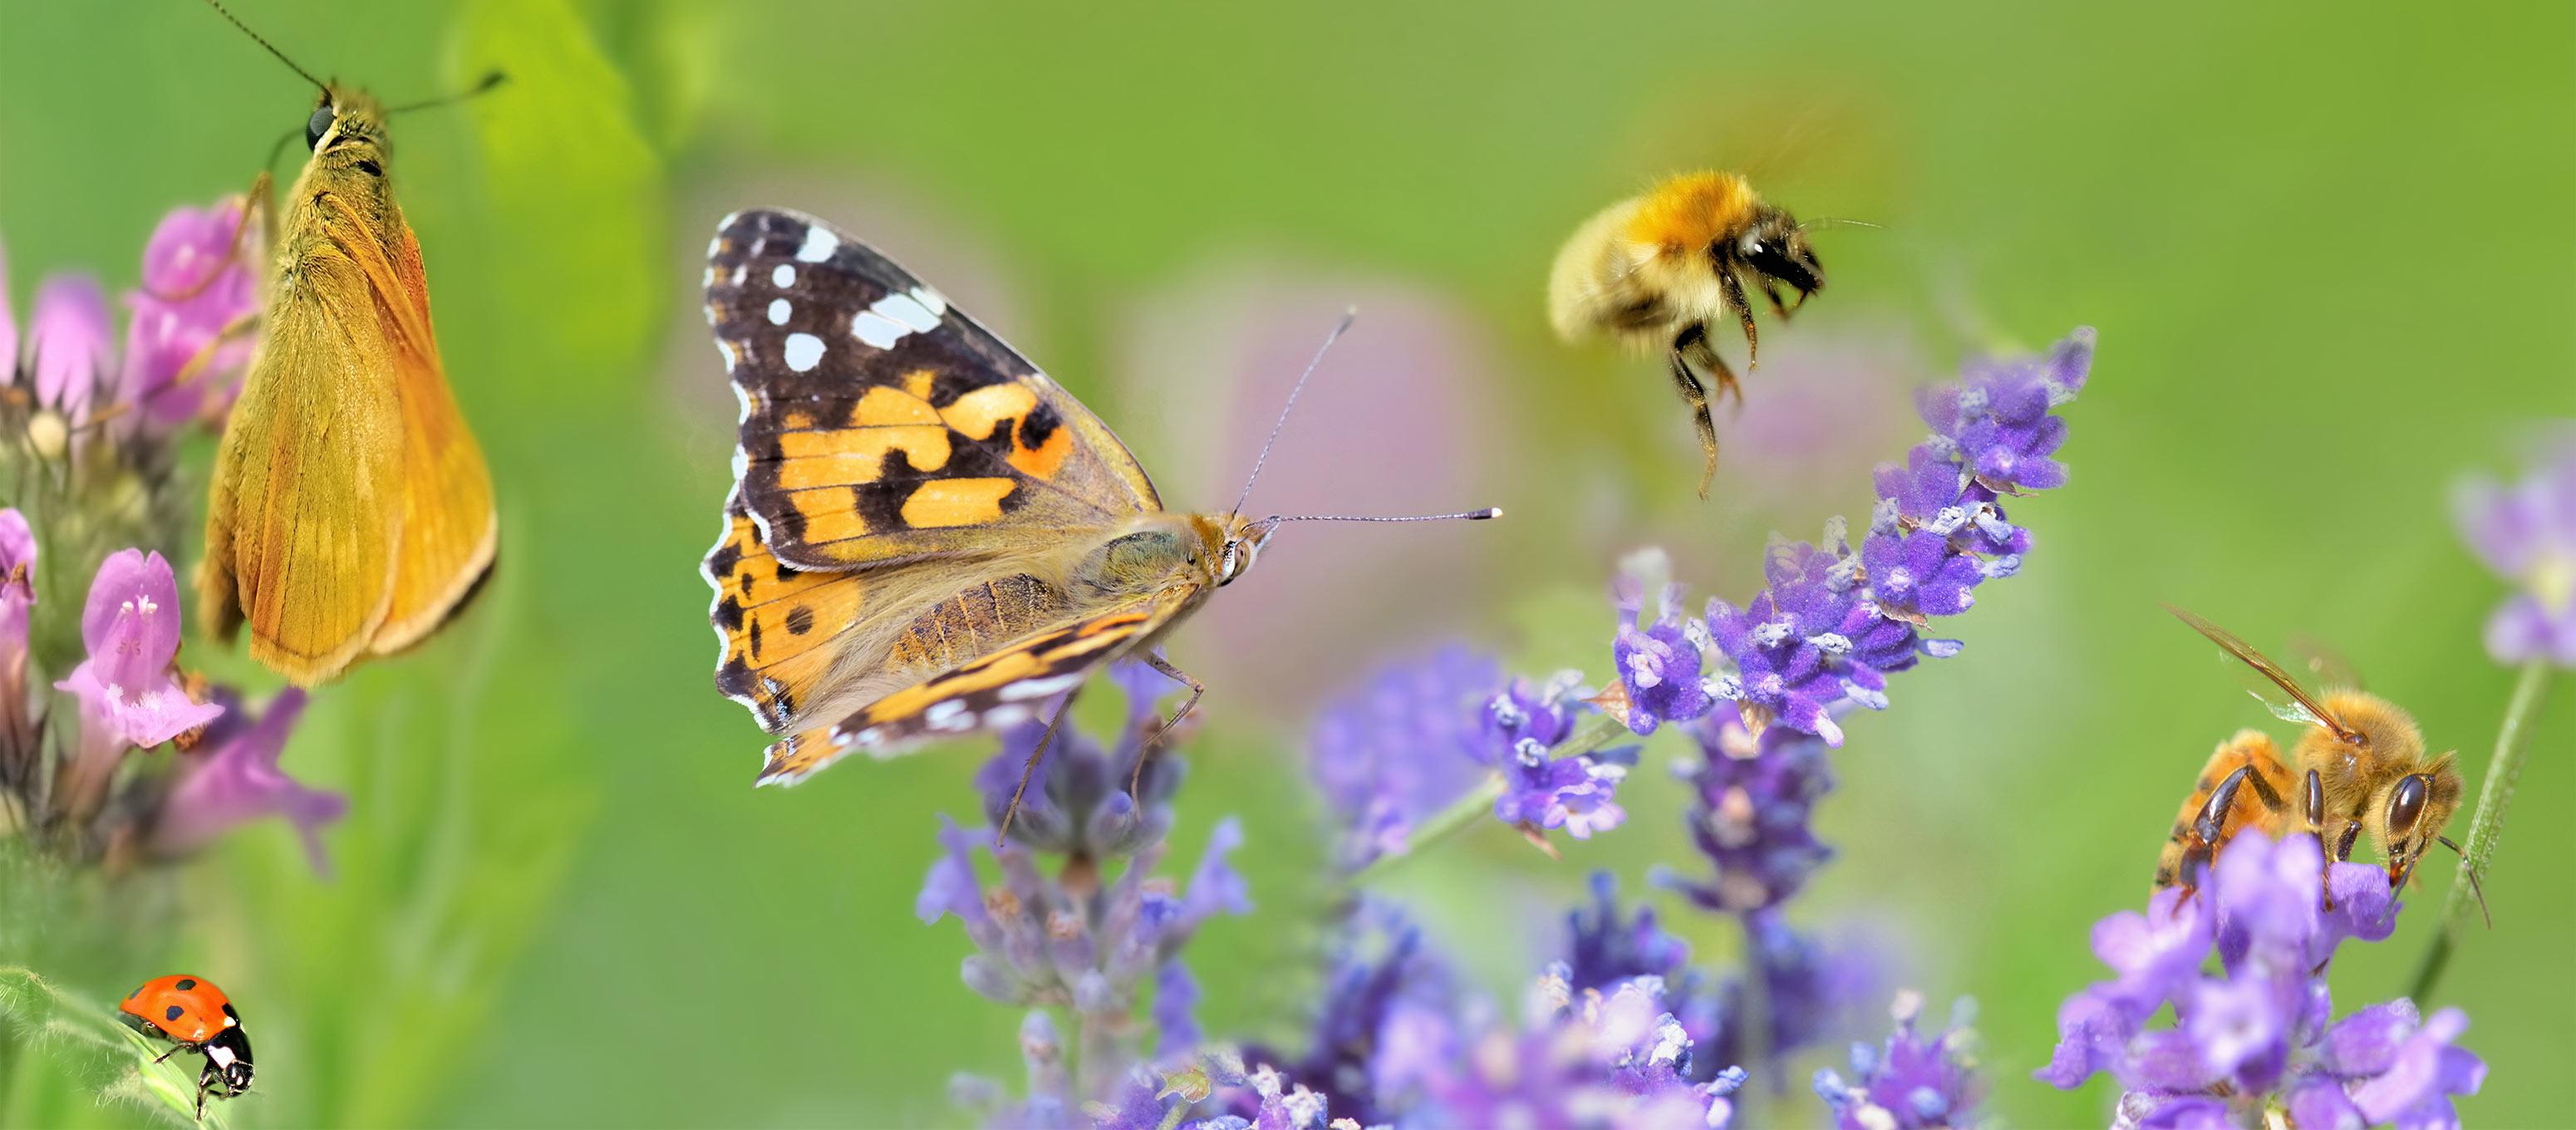 Verschieden Insekten und Pflanzen auf einem Bild